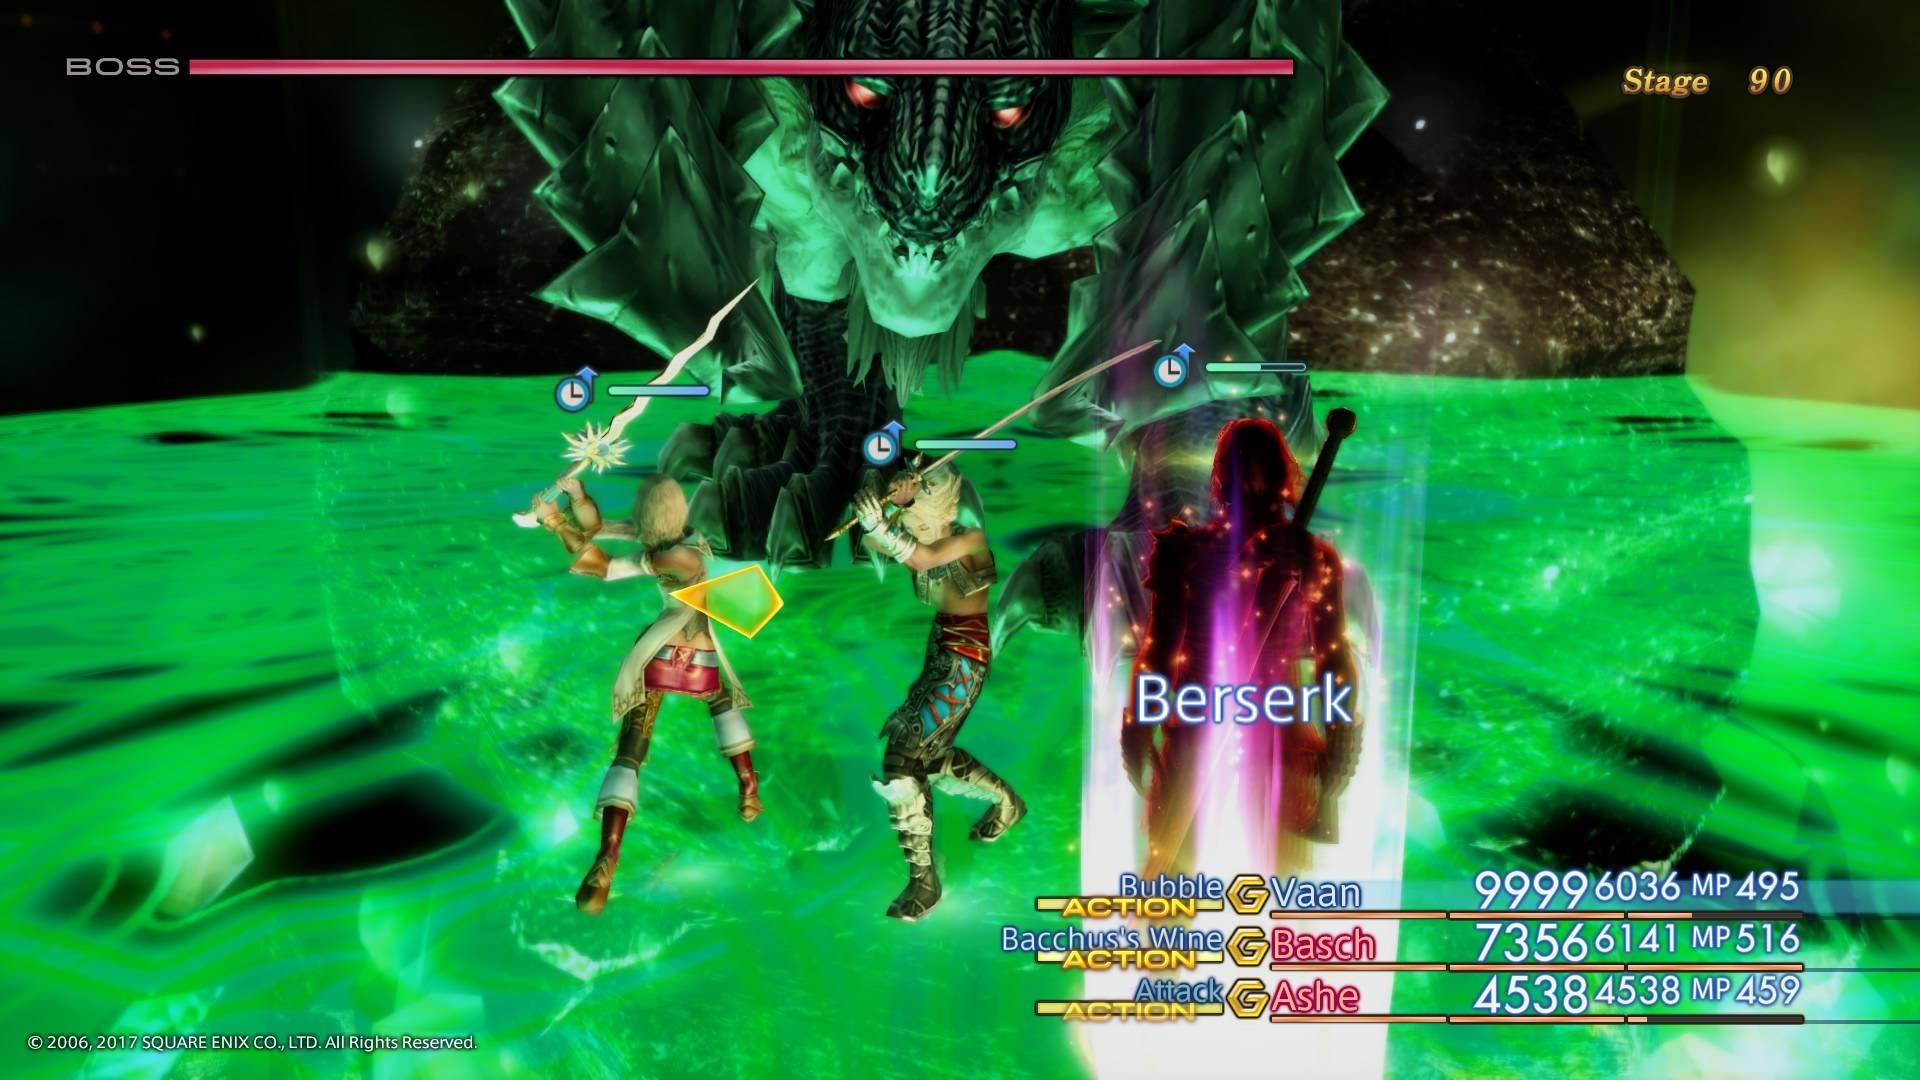 Bacchuss Wine Final Fantasy Wiki Fandom Powered By Wikia Breaker Load Http Www Shopping Com Square Enix D Co